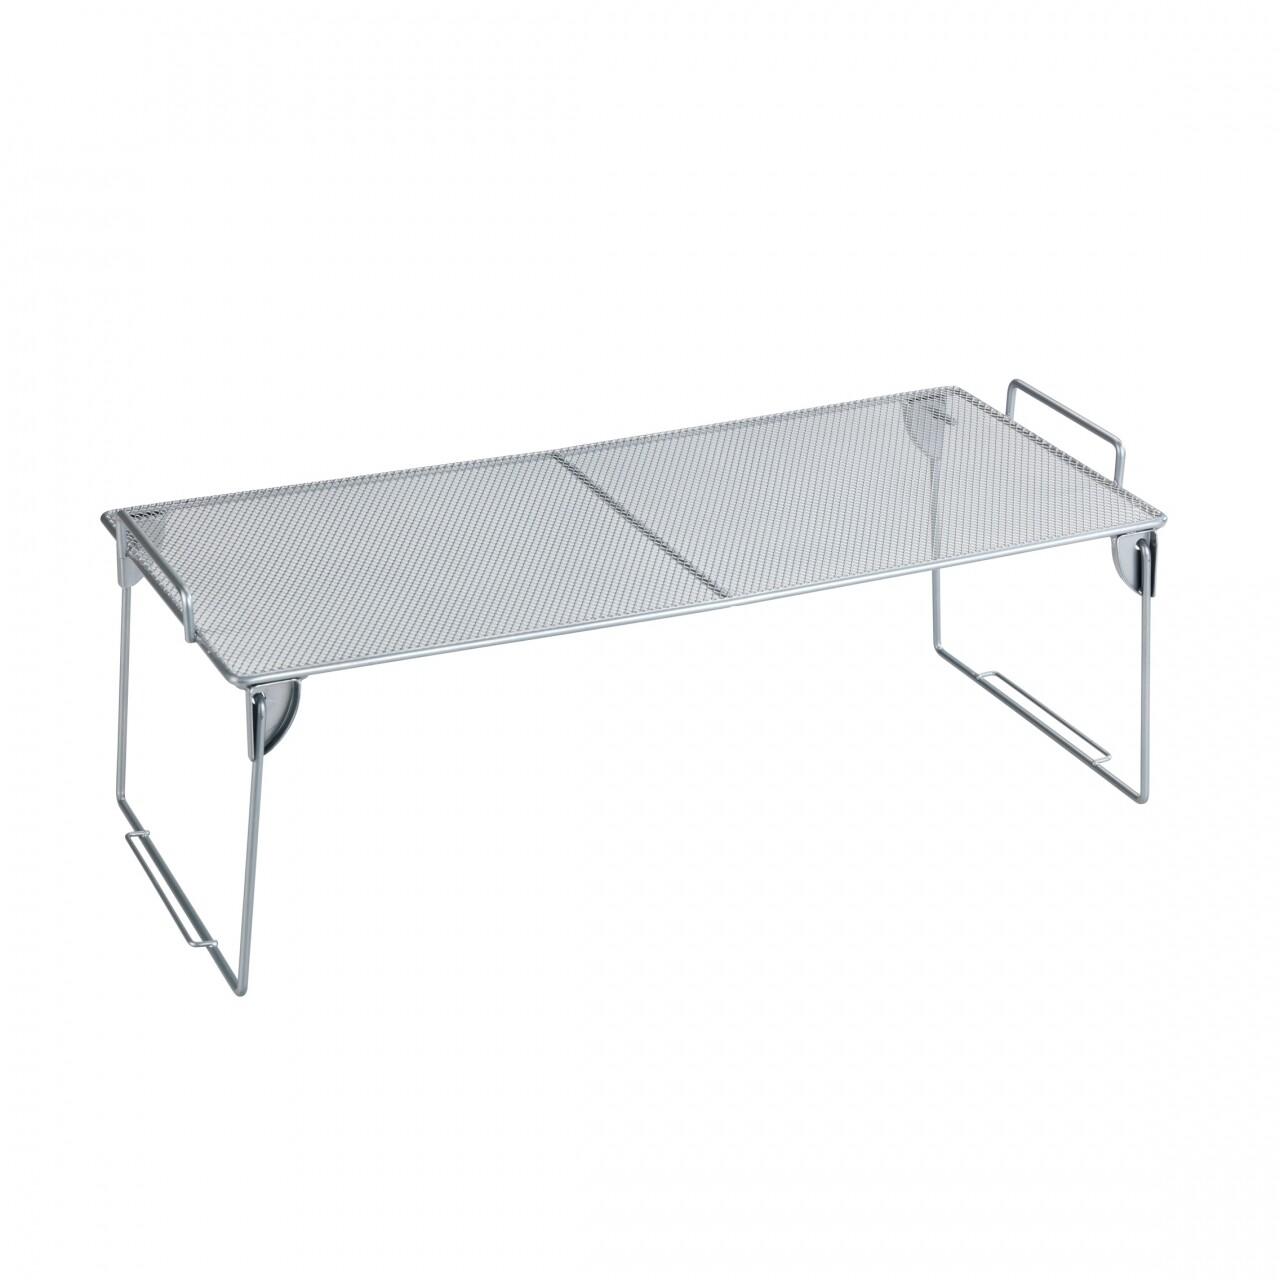 Suport pentru bucatarie Wenko, 45 x 15 x 20 cm, metal, argintiu